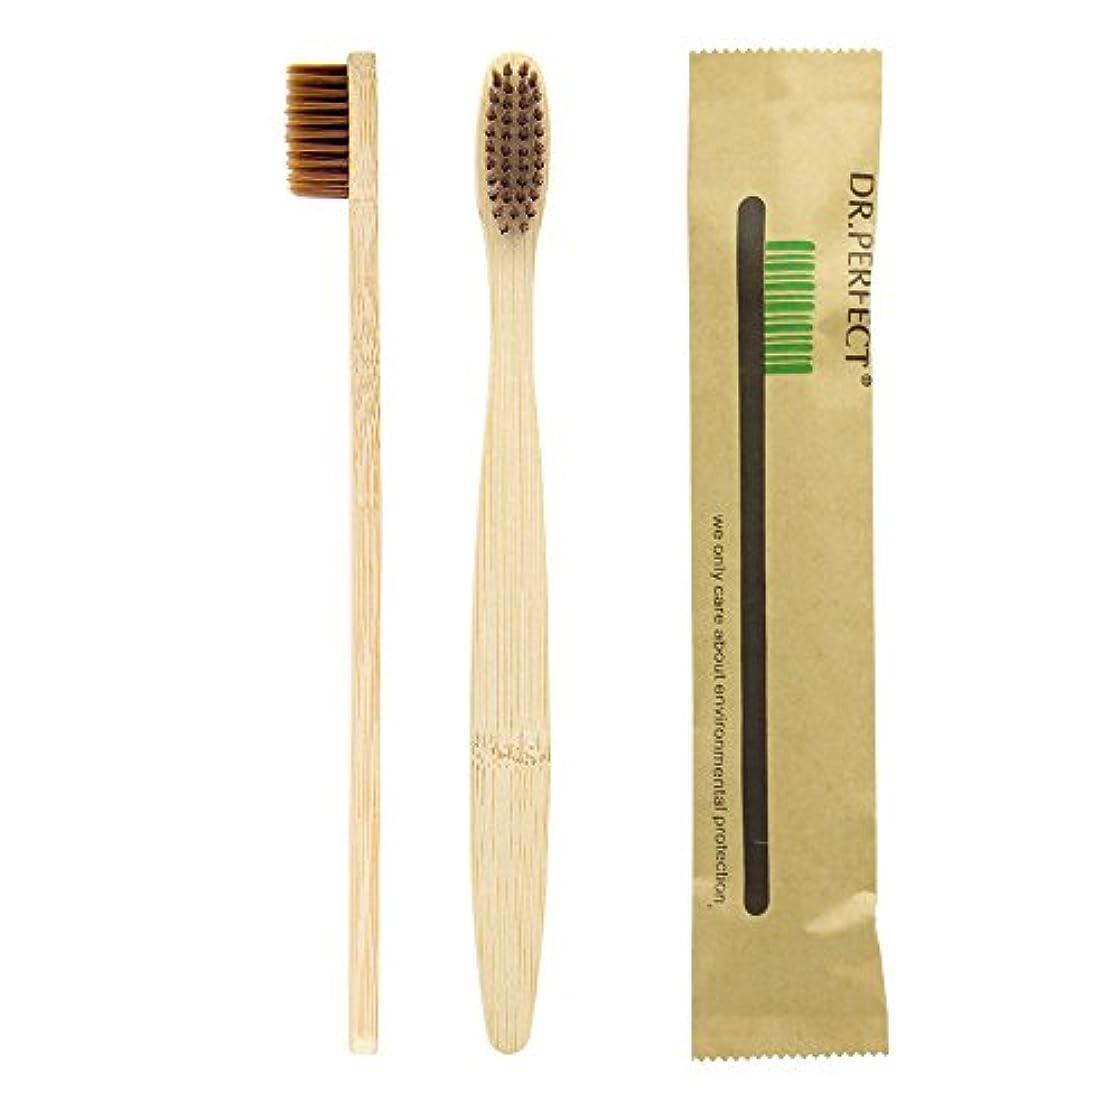 部オーク計り知れないDr.Perfect歯ブラシ竹製歯ブラシアダルト竹の歯ブラシ ナイロン毛 環境保護の歯ブラシ (ブラウン)